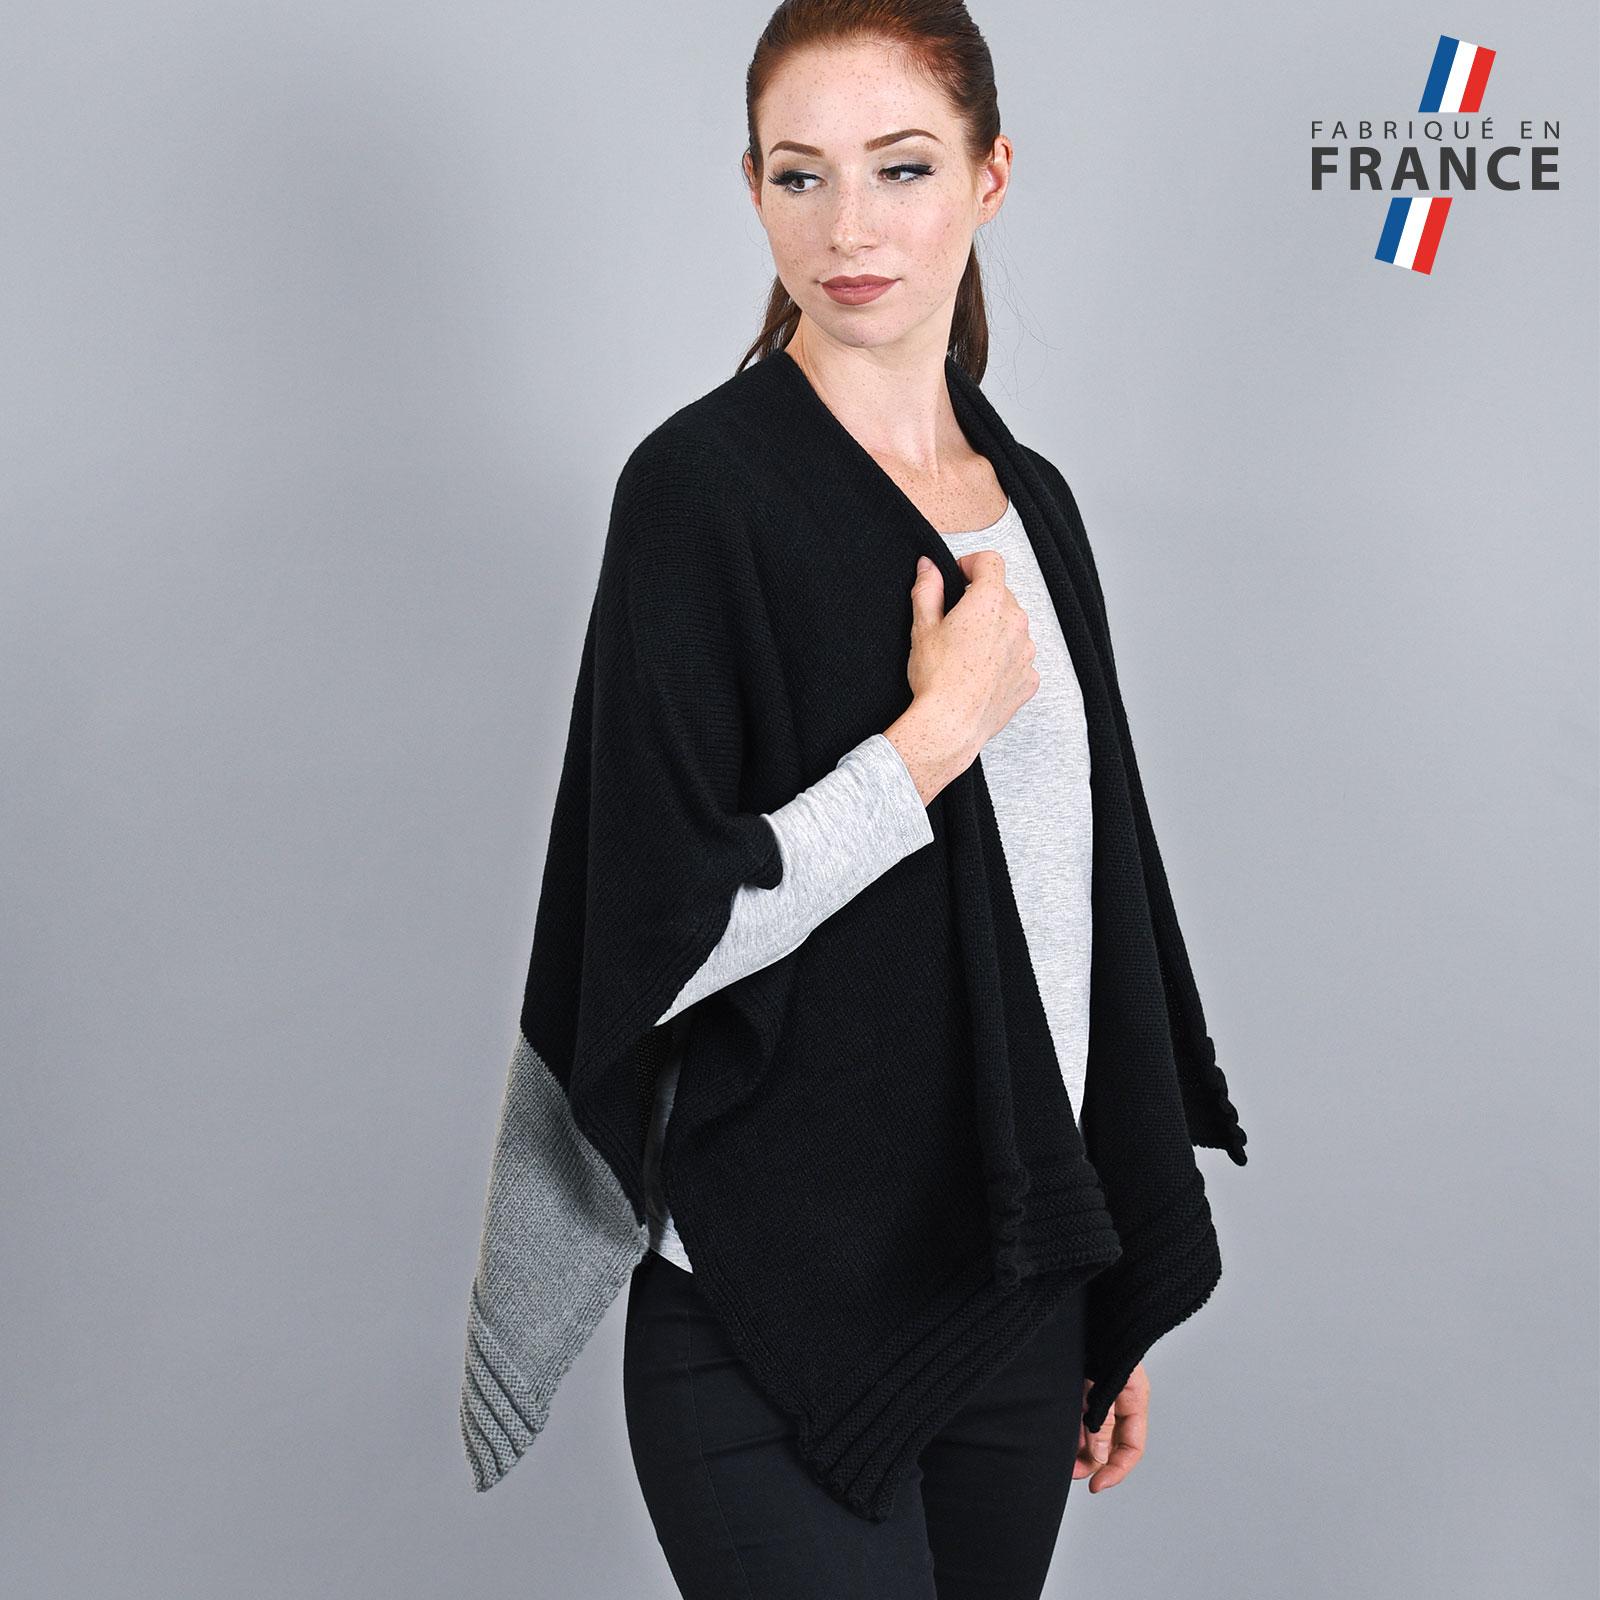 AT-03421-VF16-1-LB_FR-poncho-femme-bicolore-noir-gris